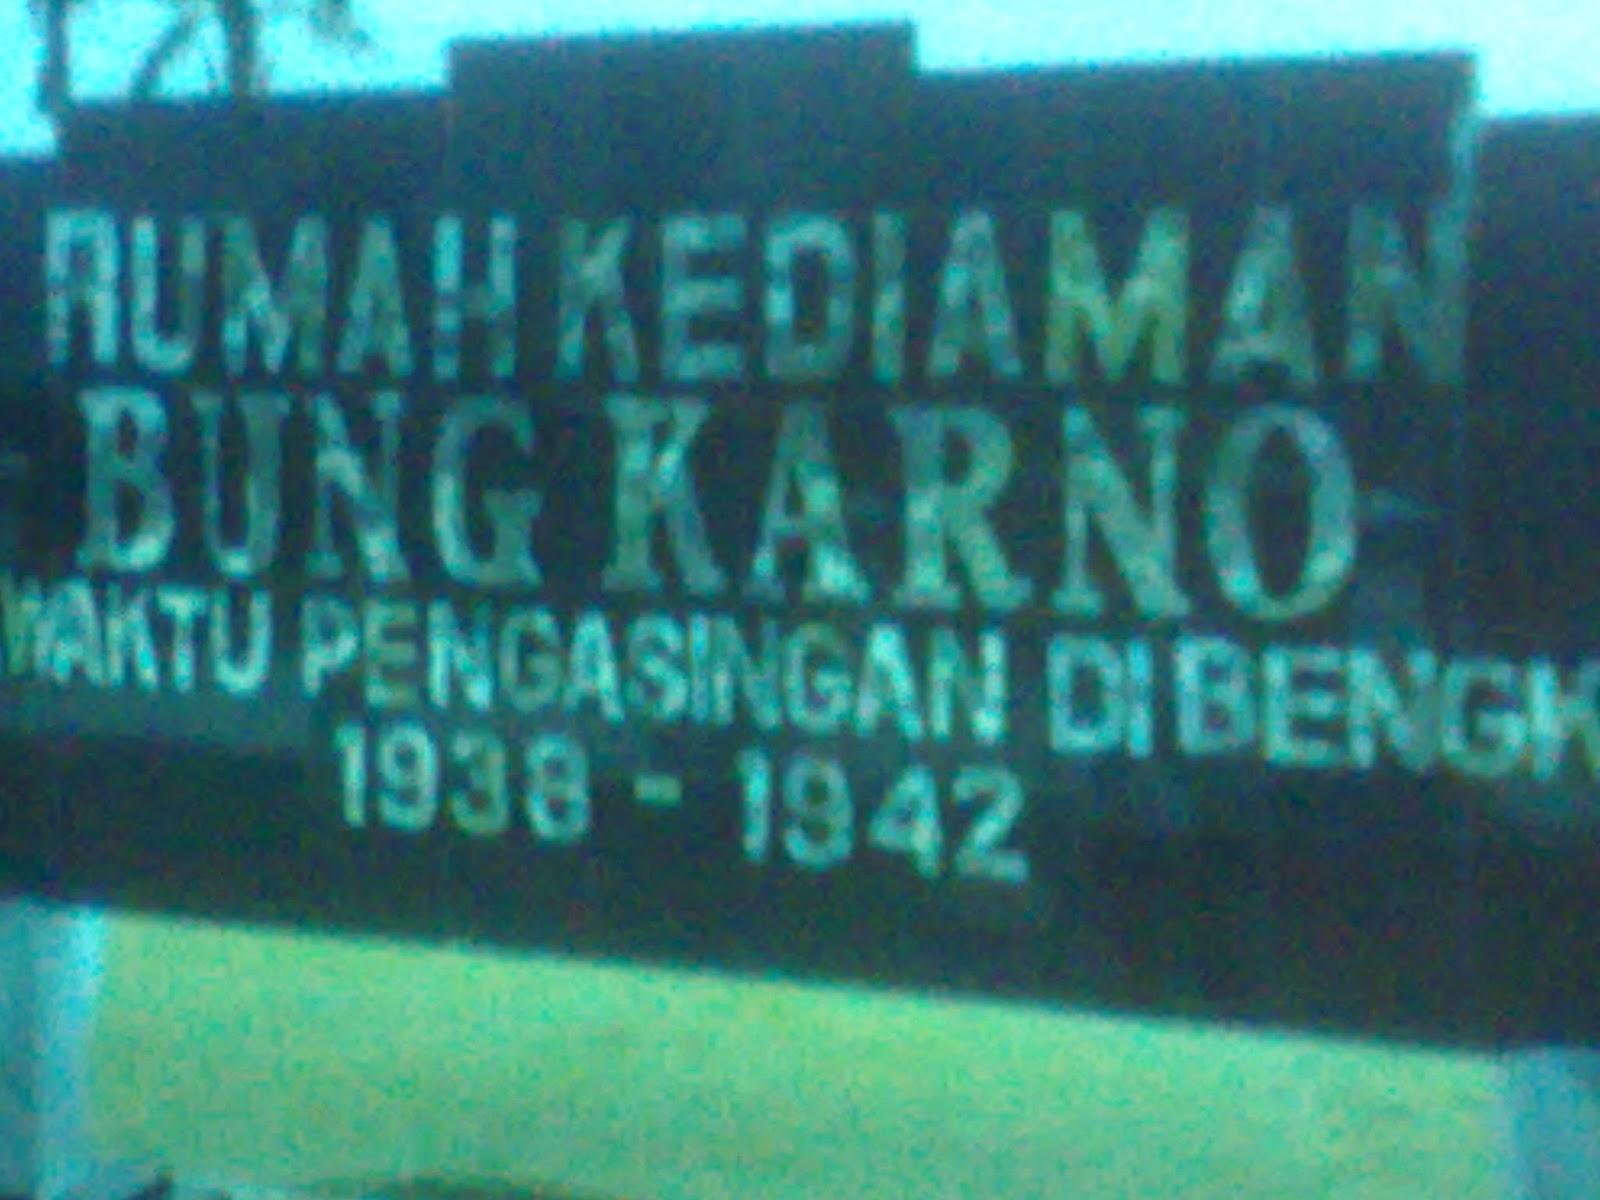 Sejarah Museum Rumah Bung Karno Bengkulu Ndaru 999 Musium Ibu